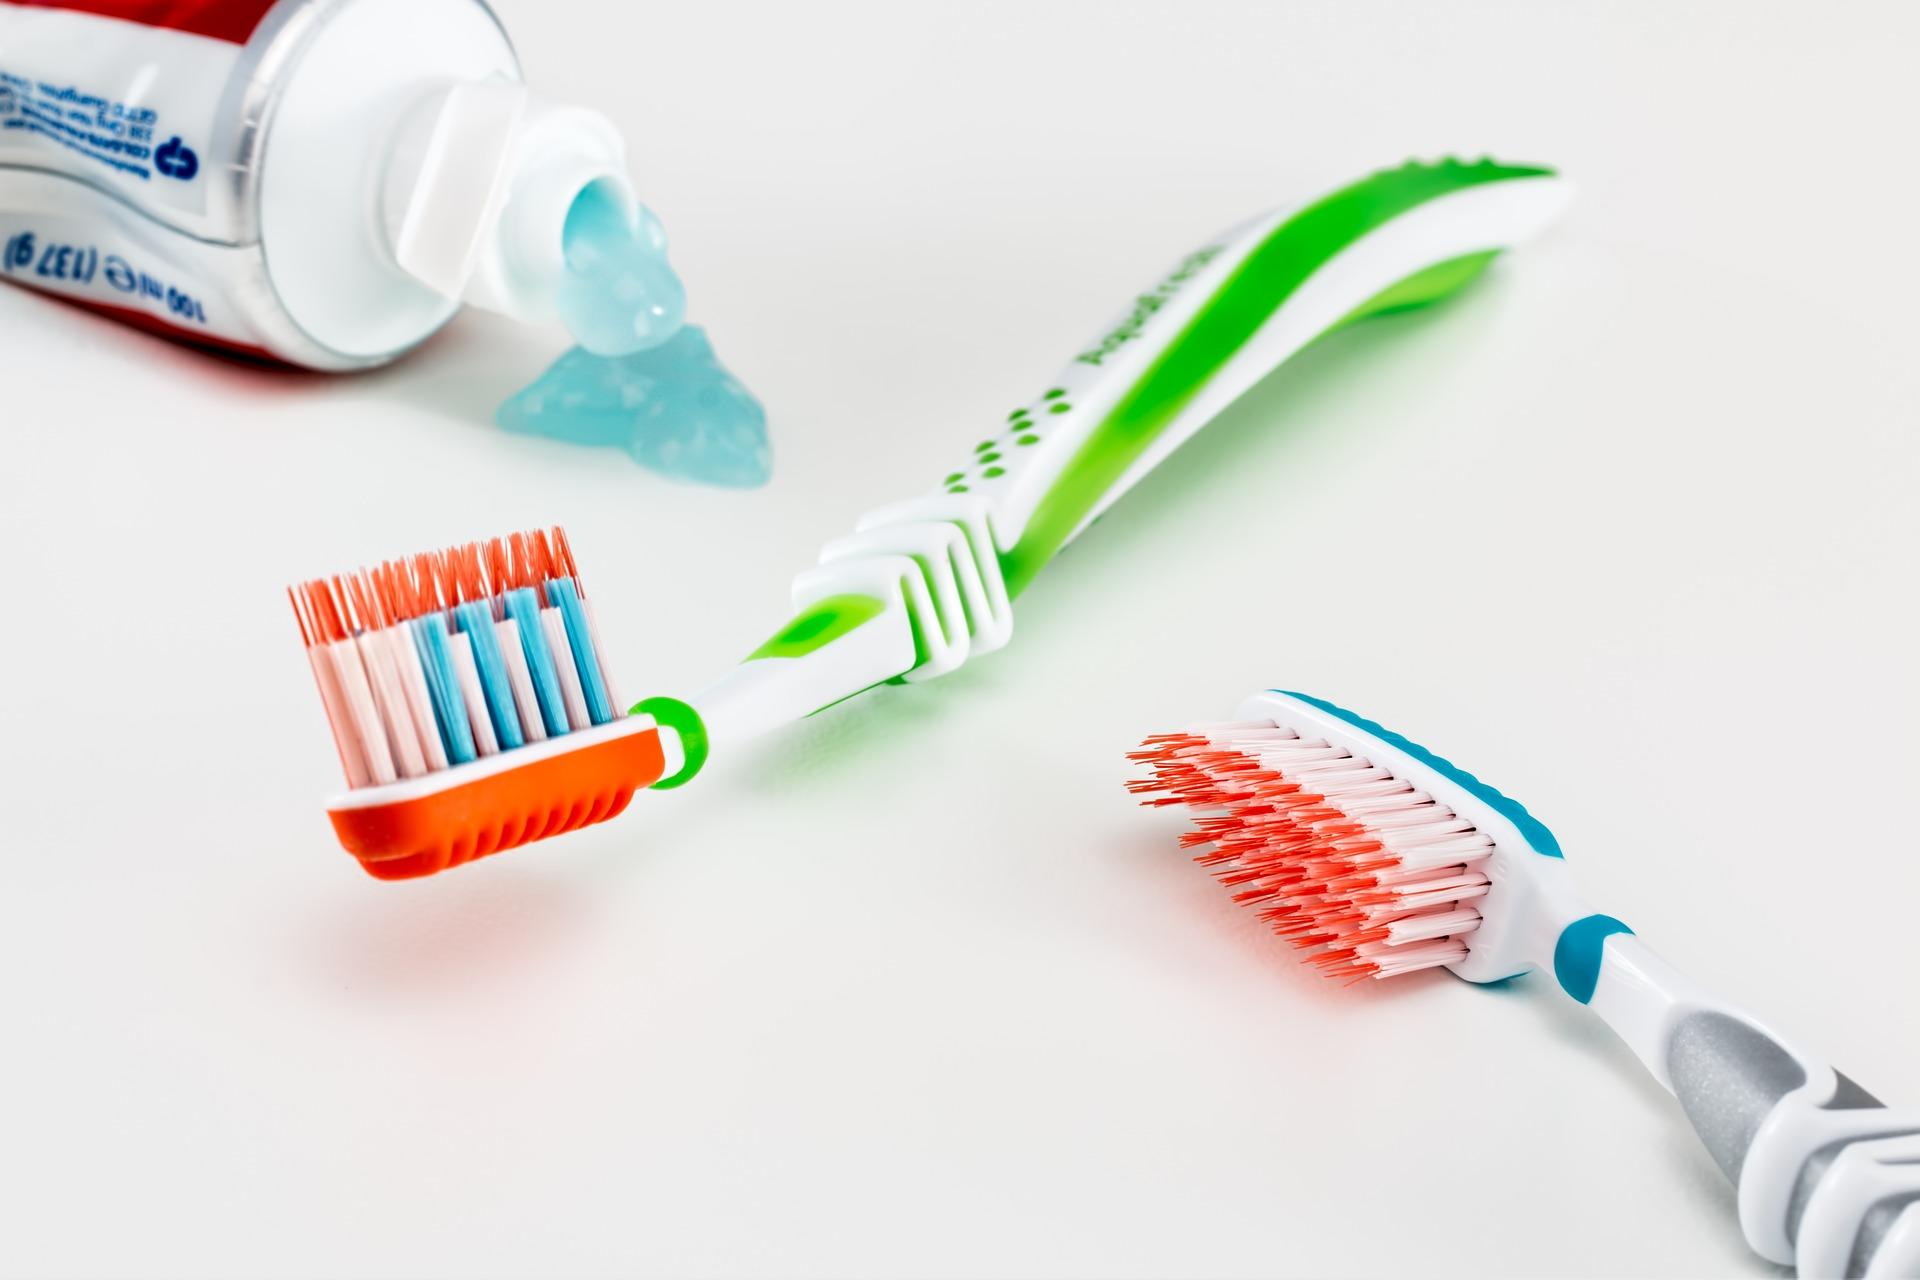 ТОП 10 электрических зубных щеток Oral-B по отзывам покупателей